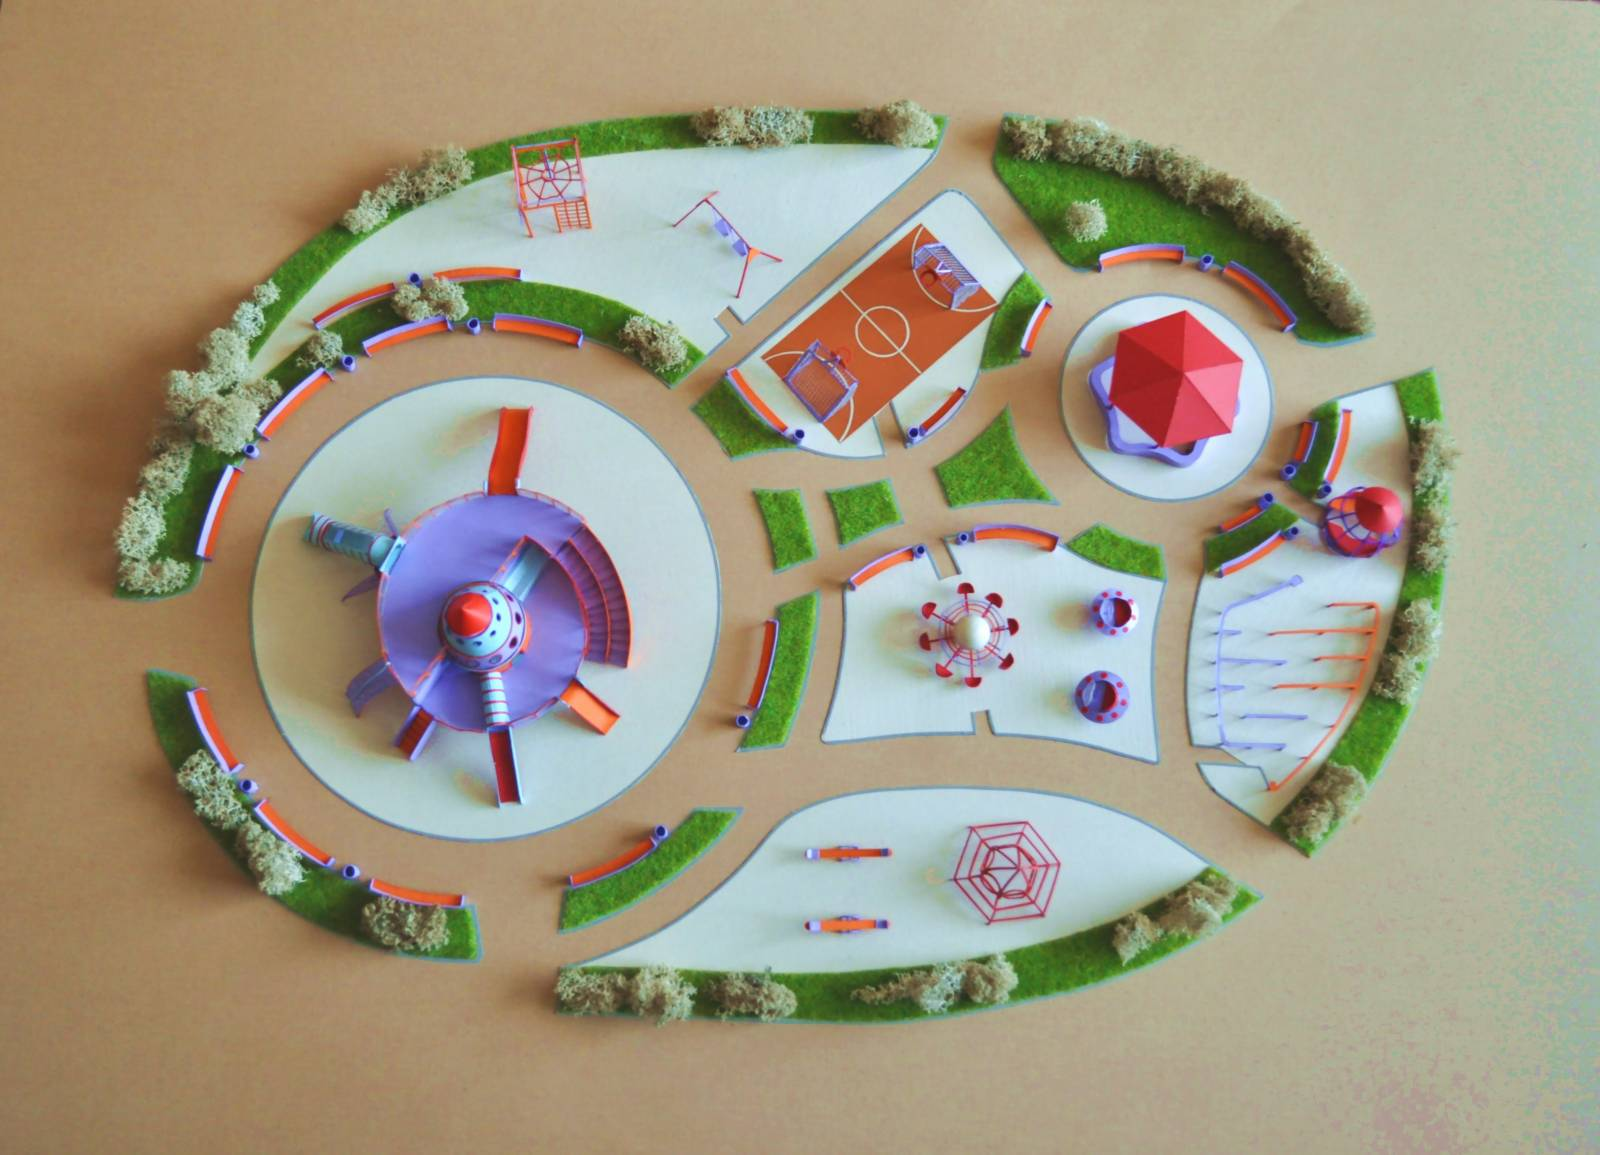 Детская игровая площадка своими руками: 800 фото, пошаговые инструкции 86